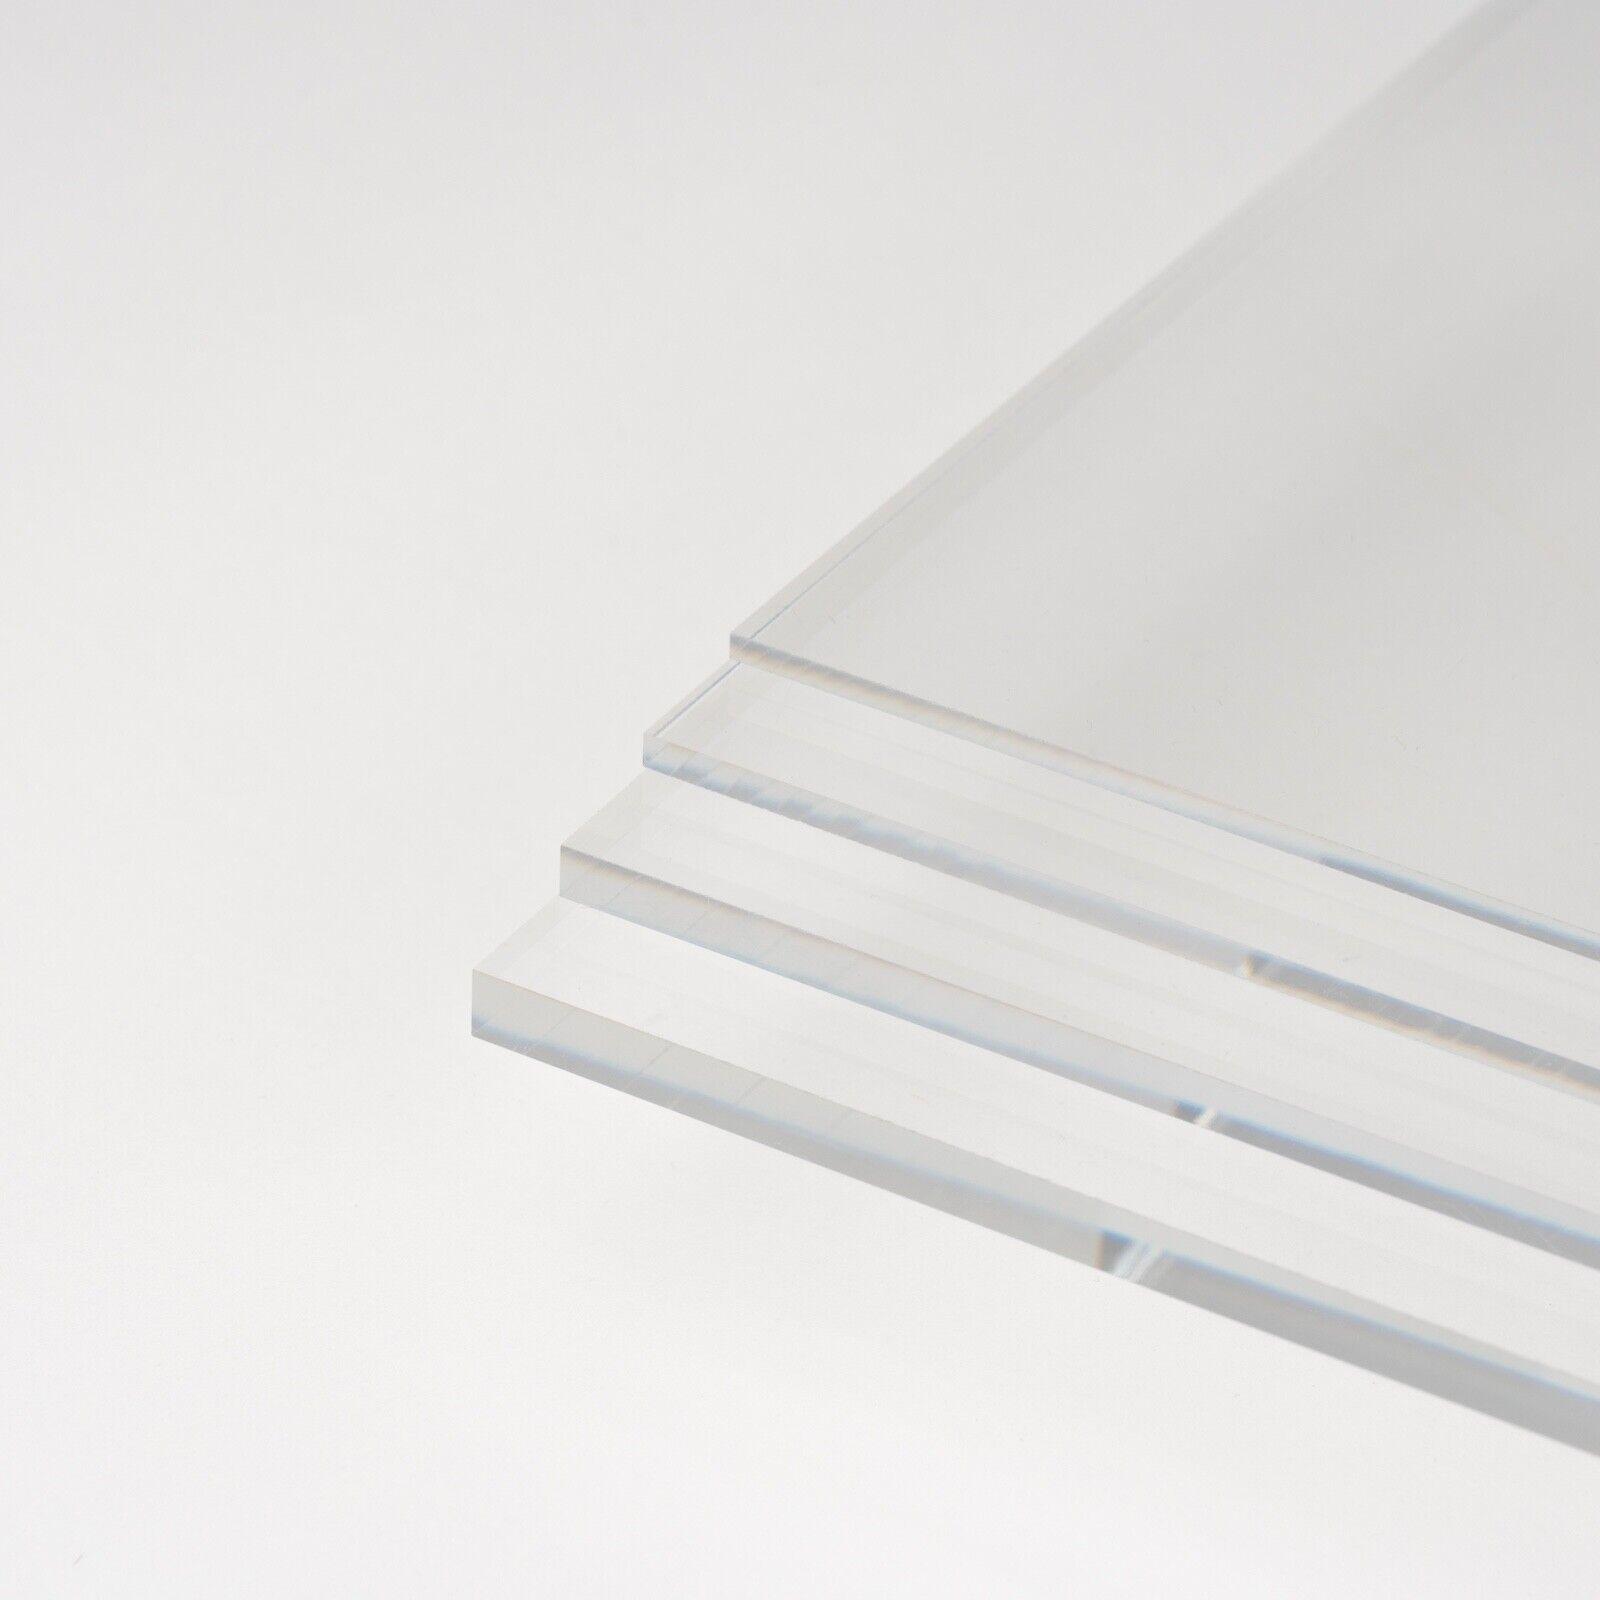 Zuschnitte |St/ärke 5 mm Kanten unbearbeitet UV-Stabil DOLLE Acrylglas XT PMMA | Glasklare Platte in 500 x 250 mm F/ür Innen und Au/ßen